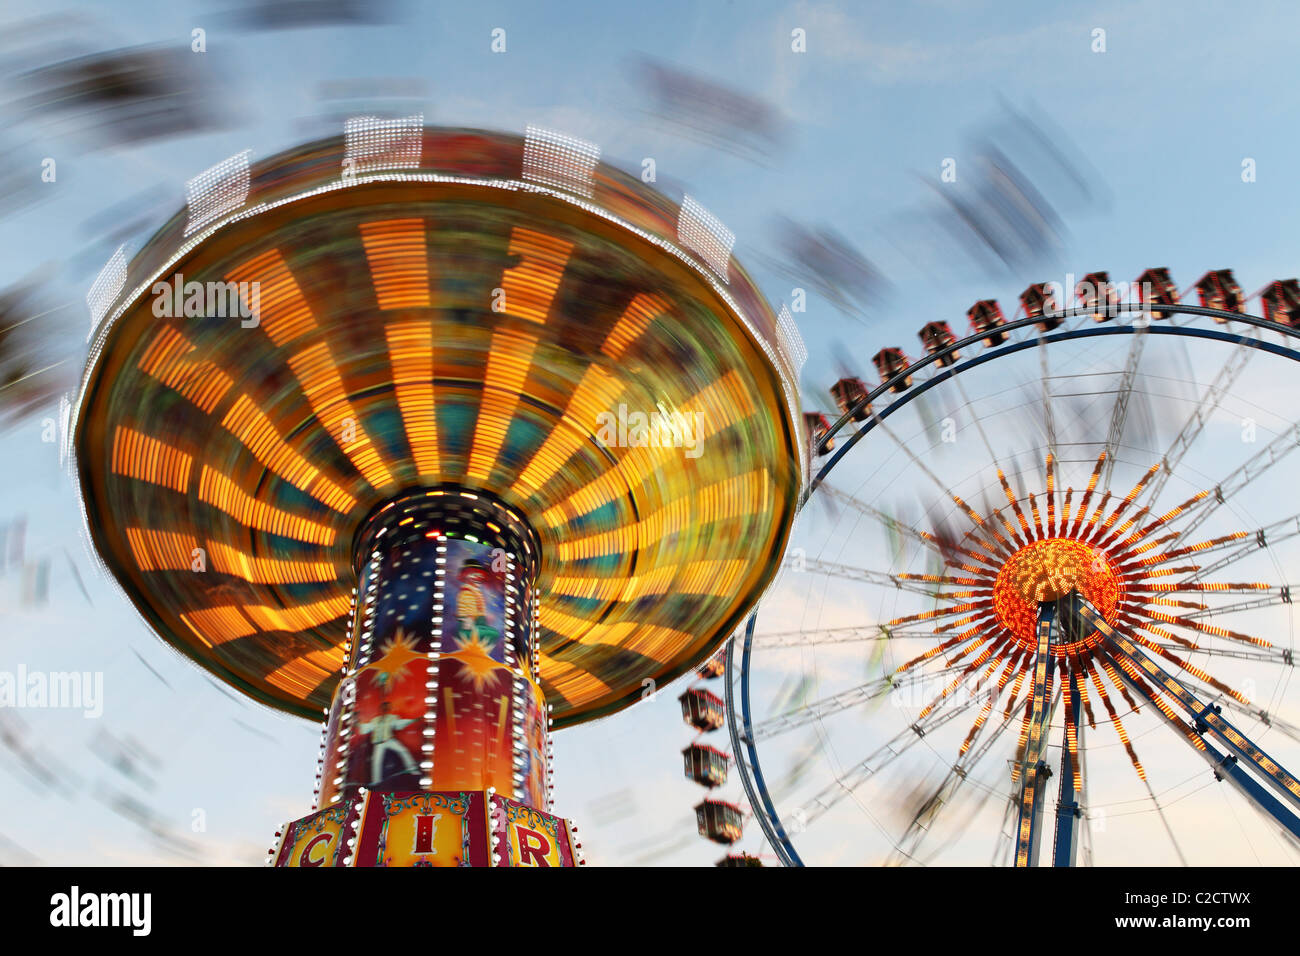 Einem drehenden Karussell und Riesenrad, Bestandteil der Kirmes Oktoberfest jedes Jahr im Herbst auf den Theresienwiesen Stockbild